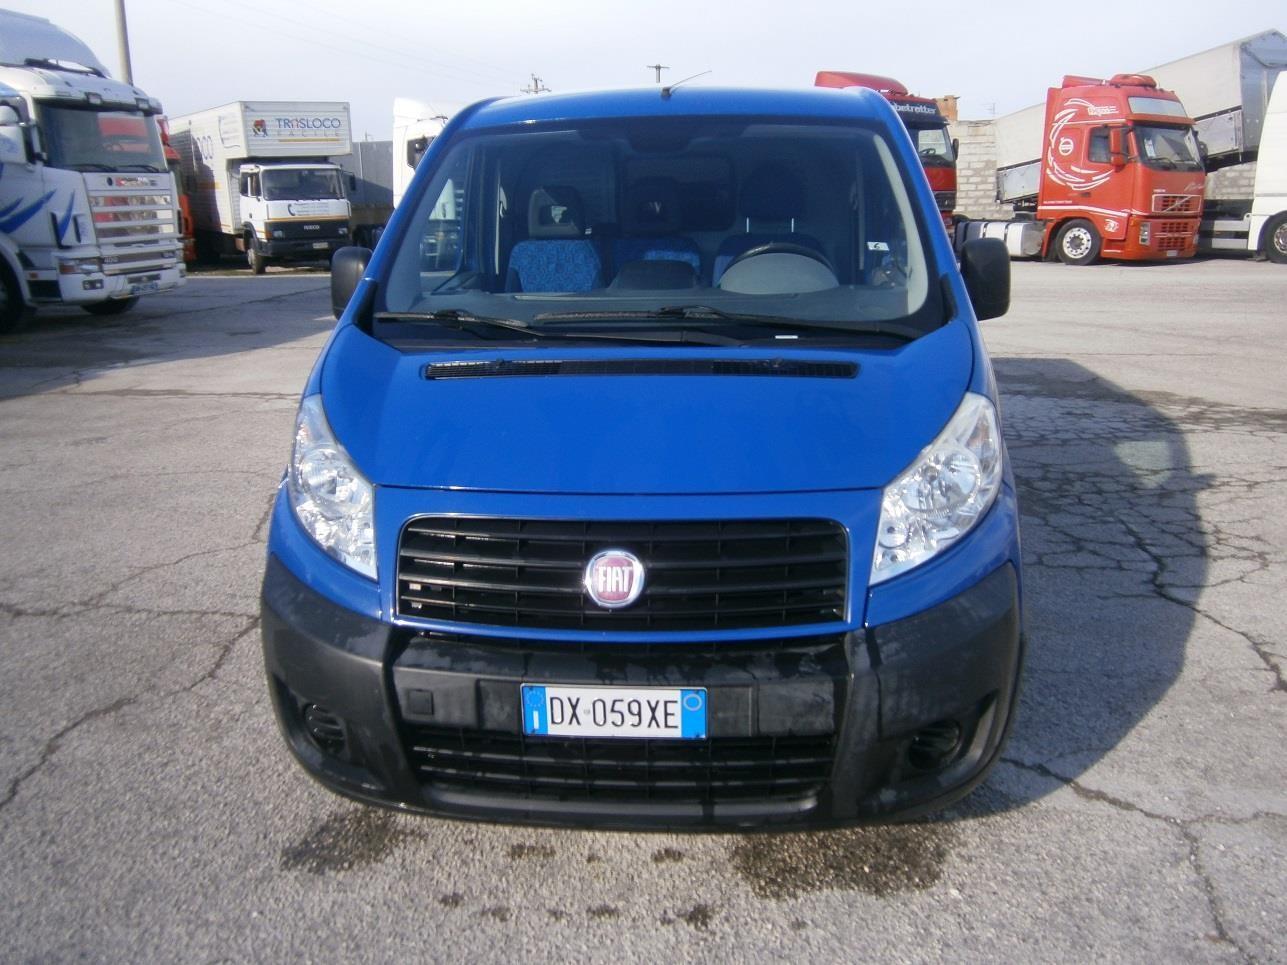 Fiat SCUDO #Used 2009 Puglia